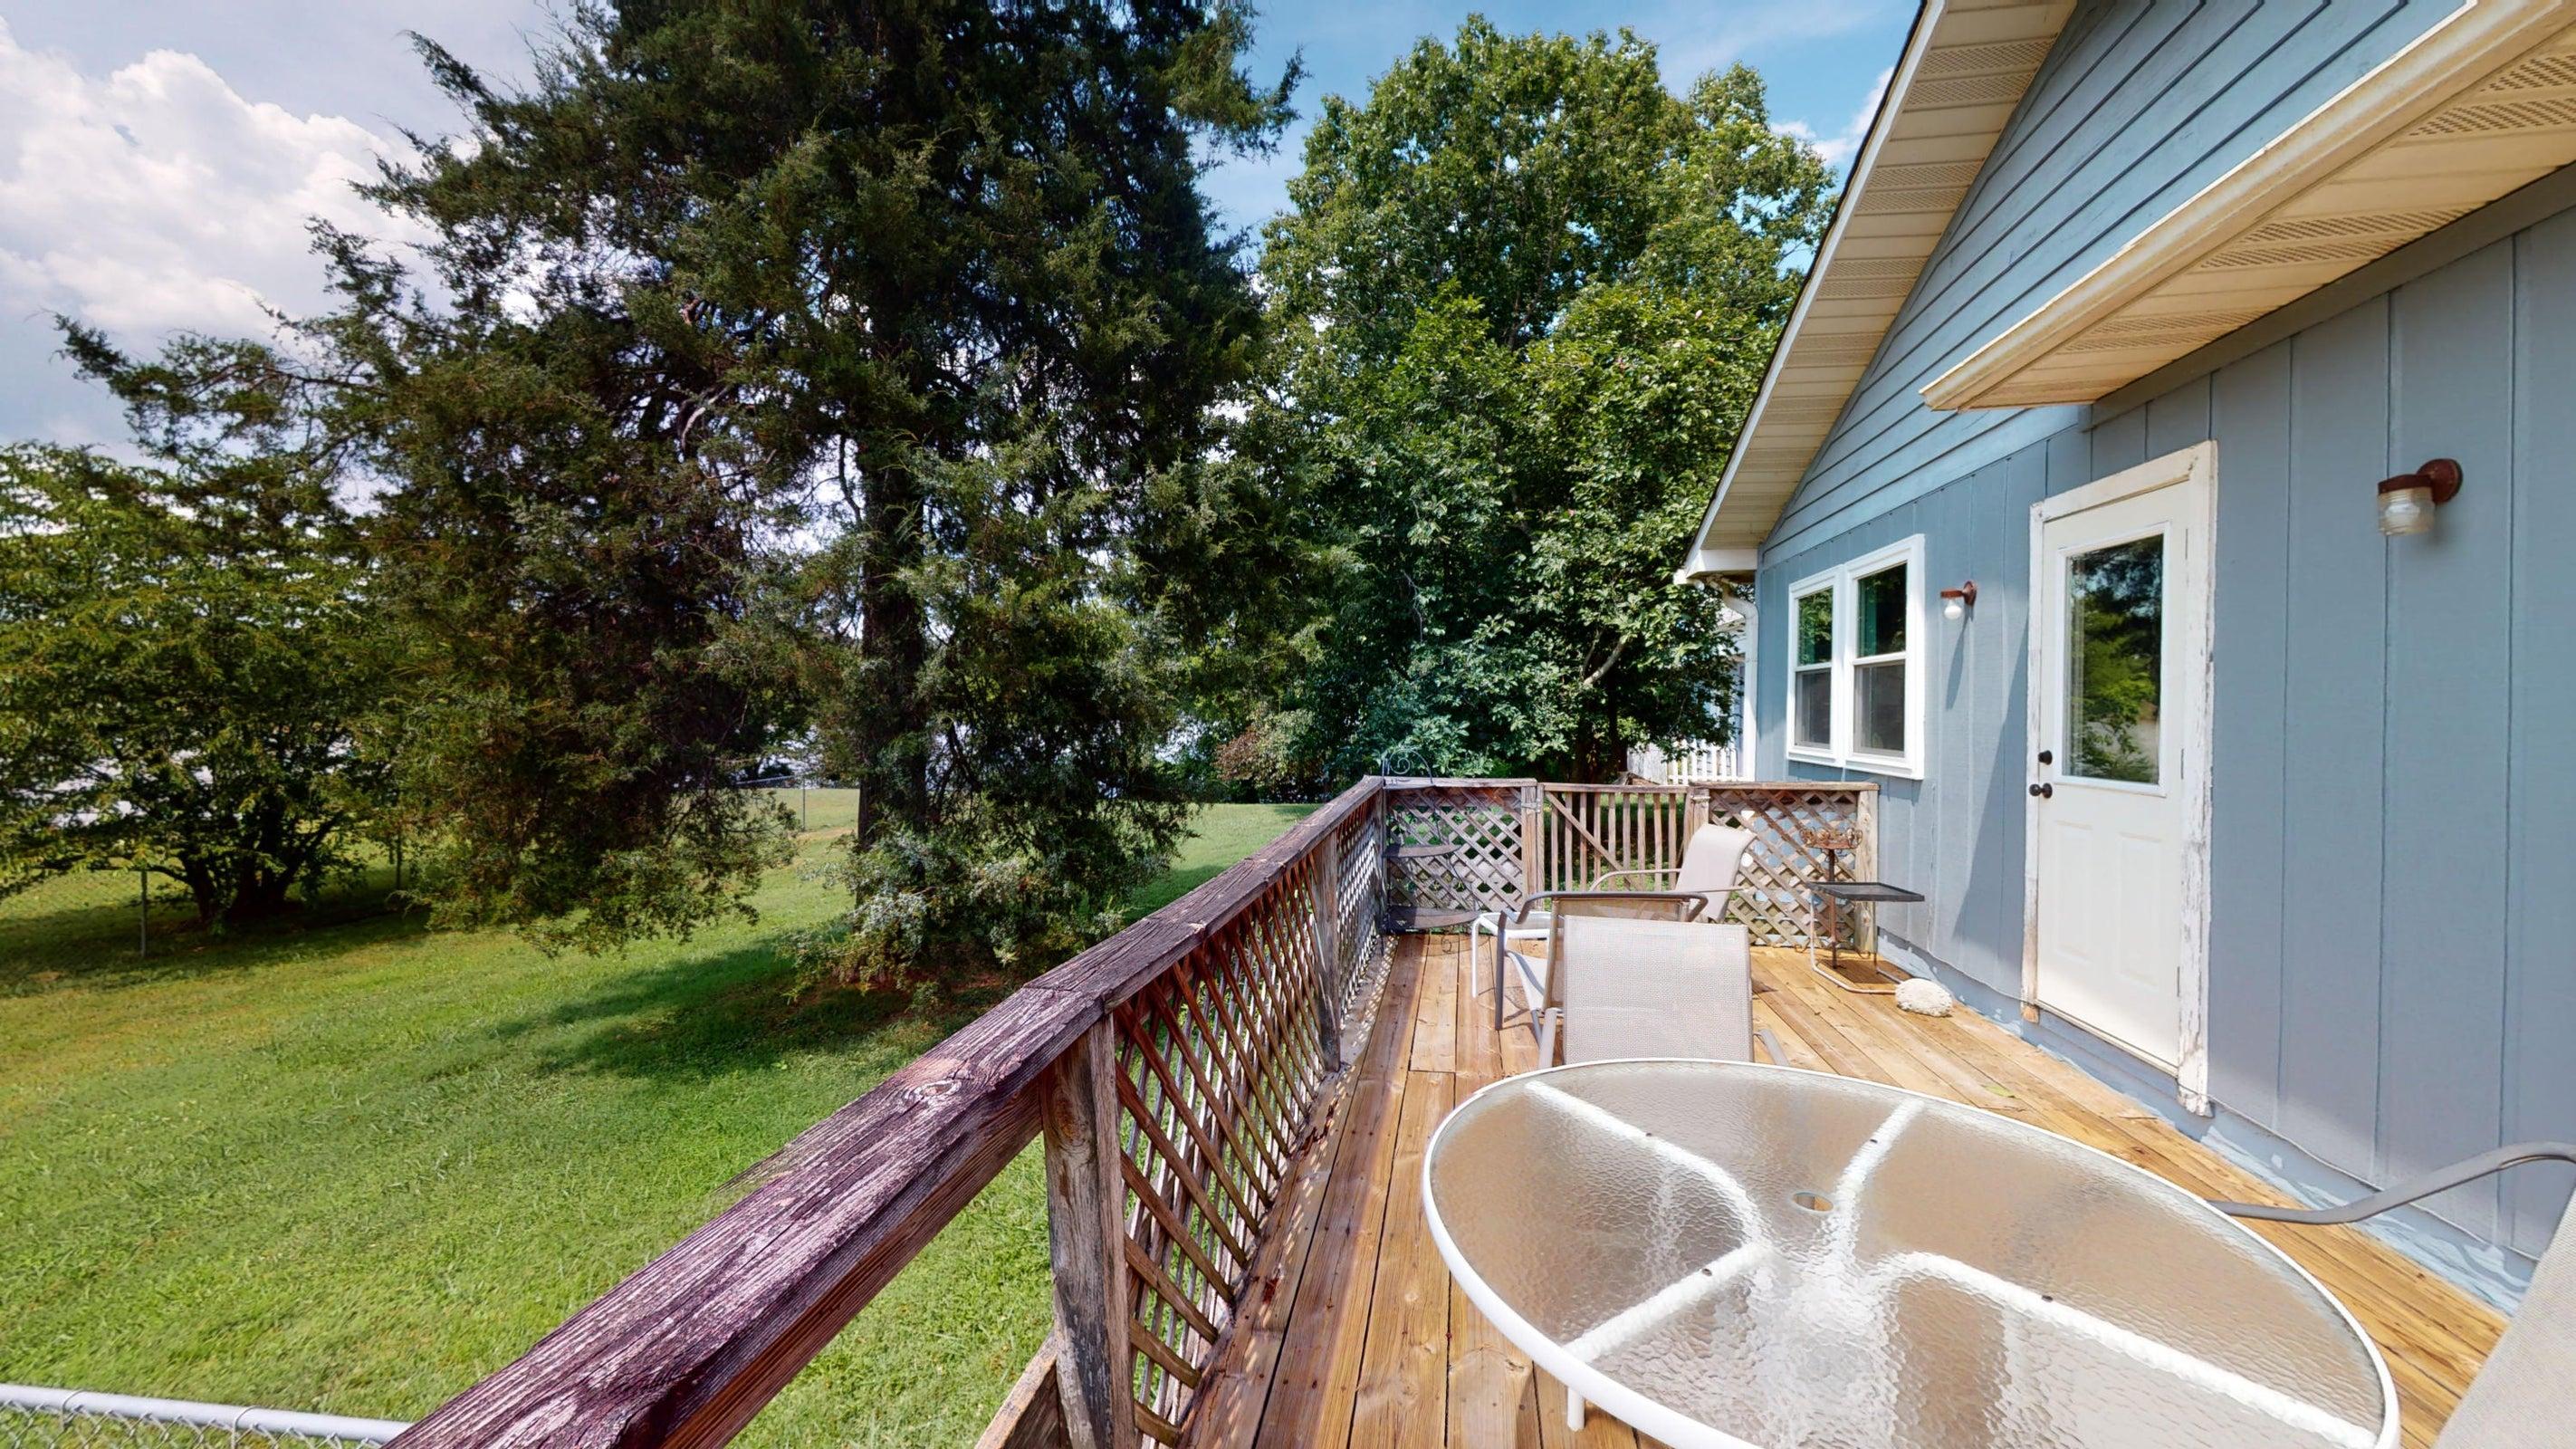 4809-porch-1